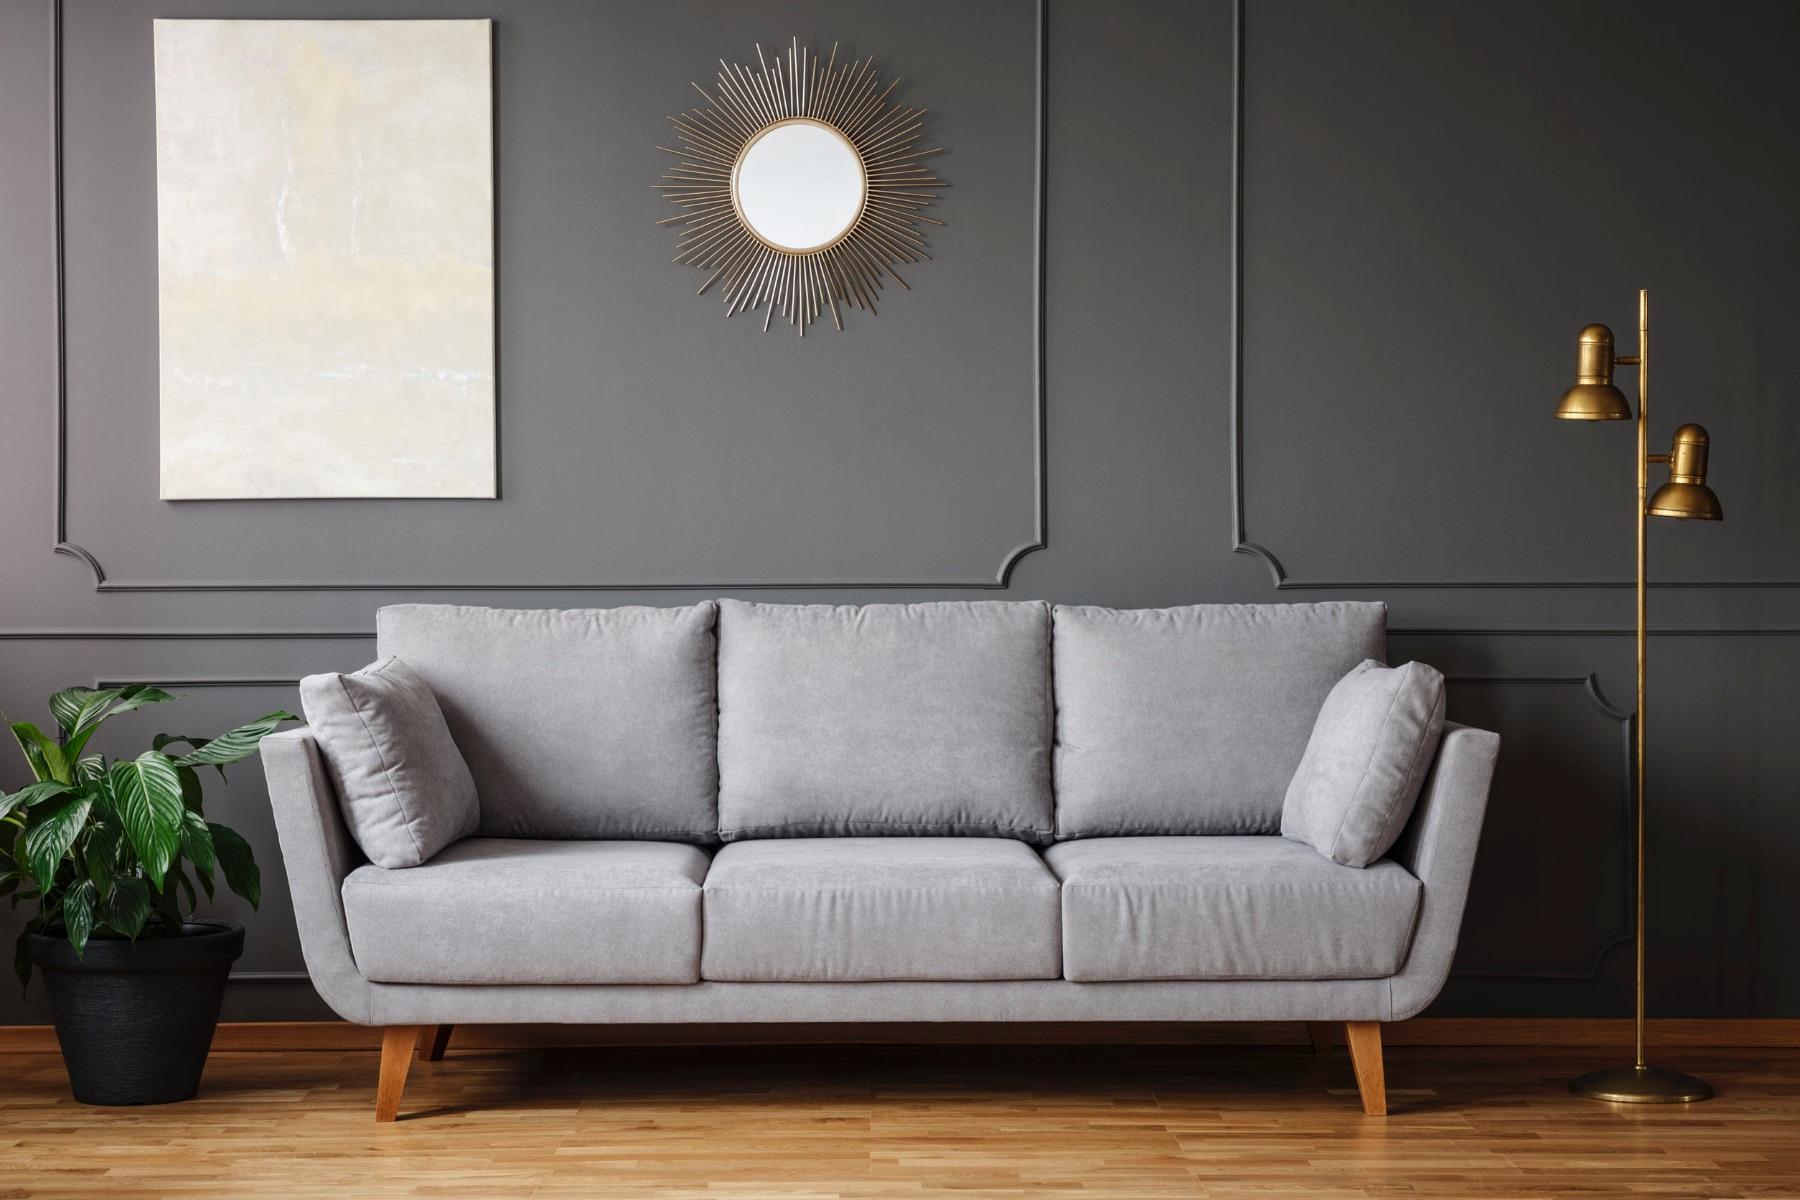 Decoración de espejo sobre sofá